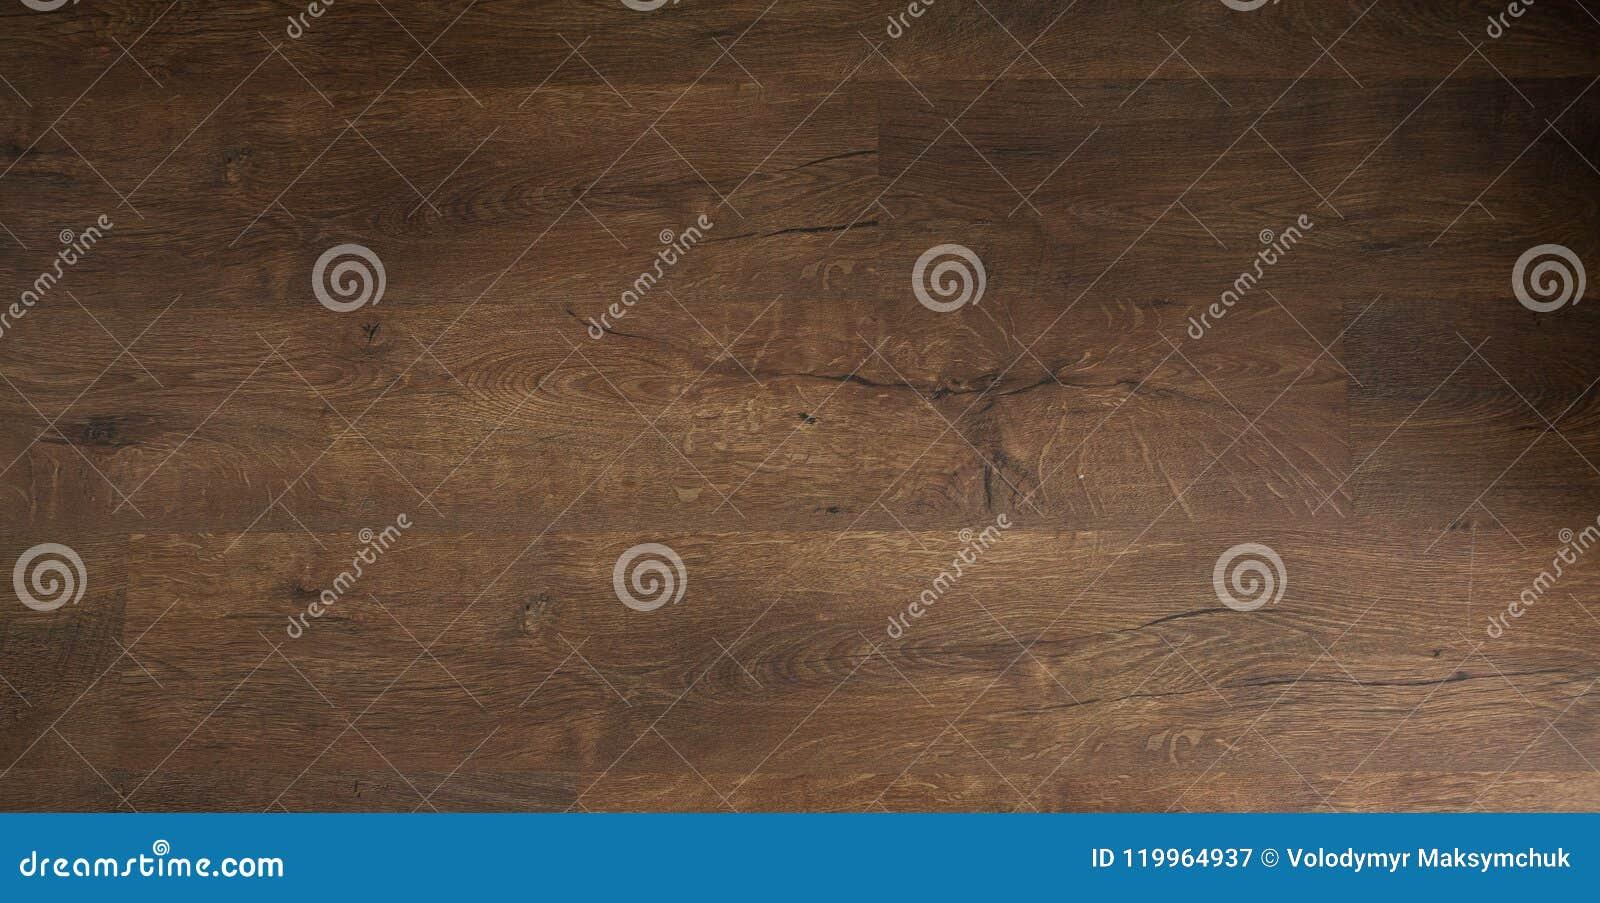 Assoalho escuro do carvalho Assoalho de madeira, parquet do carvalho - revestimento de madeira, estratificação do carvalho